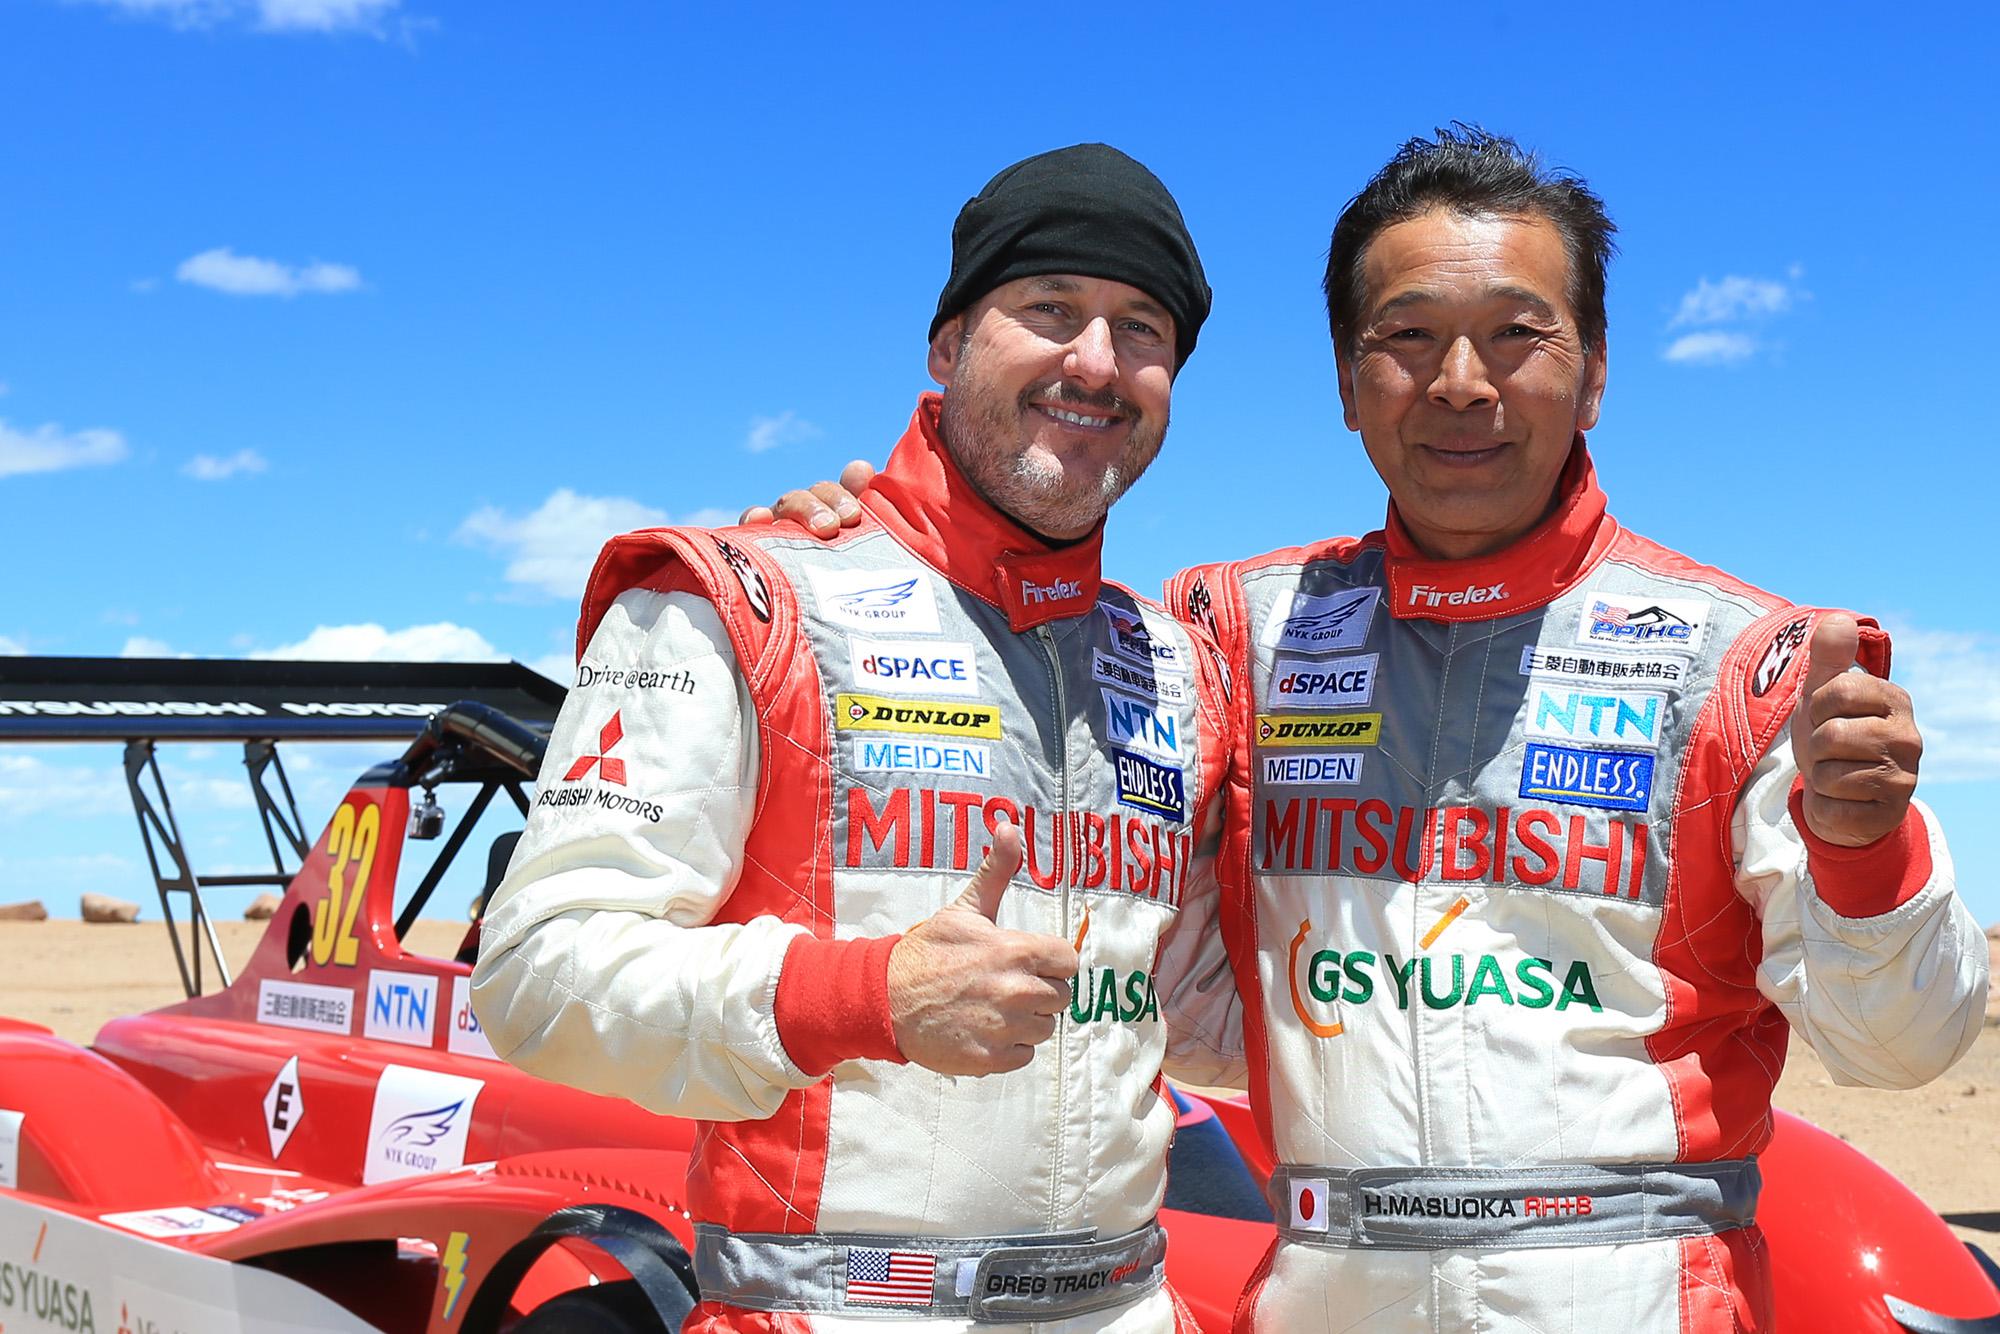 【體驗】傳奇車手增岡浩領軍,Mitsubishi Lancer馭望奔馳體驗日開始報名